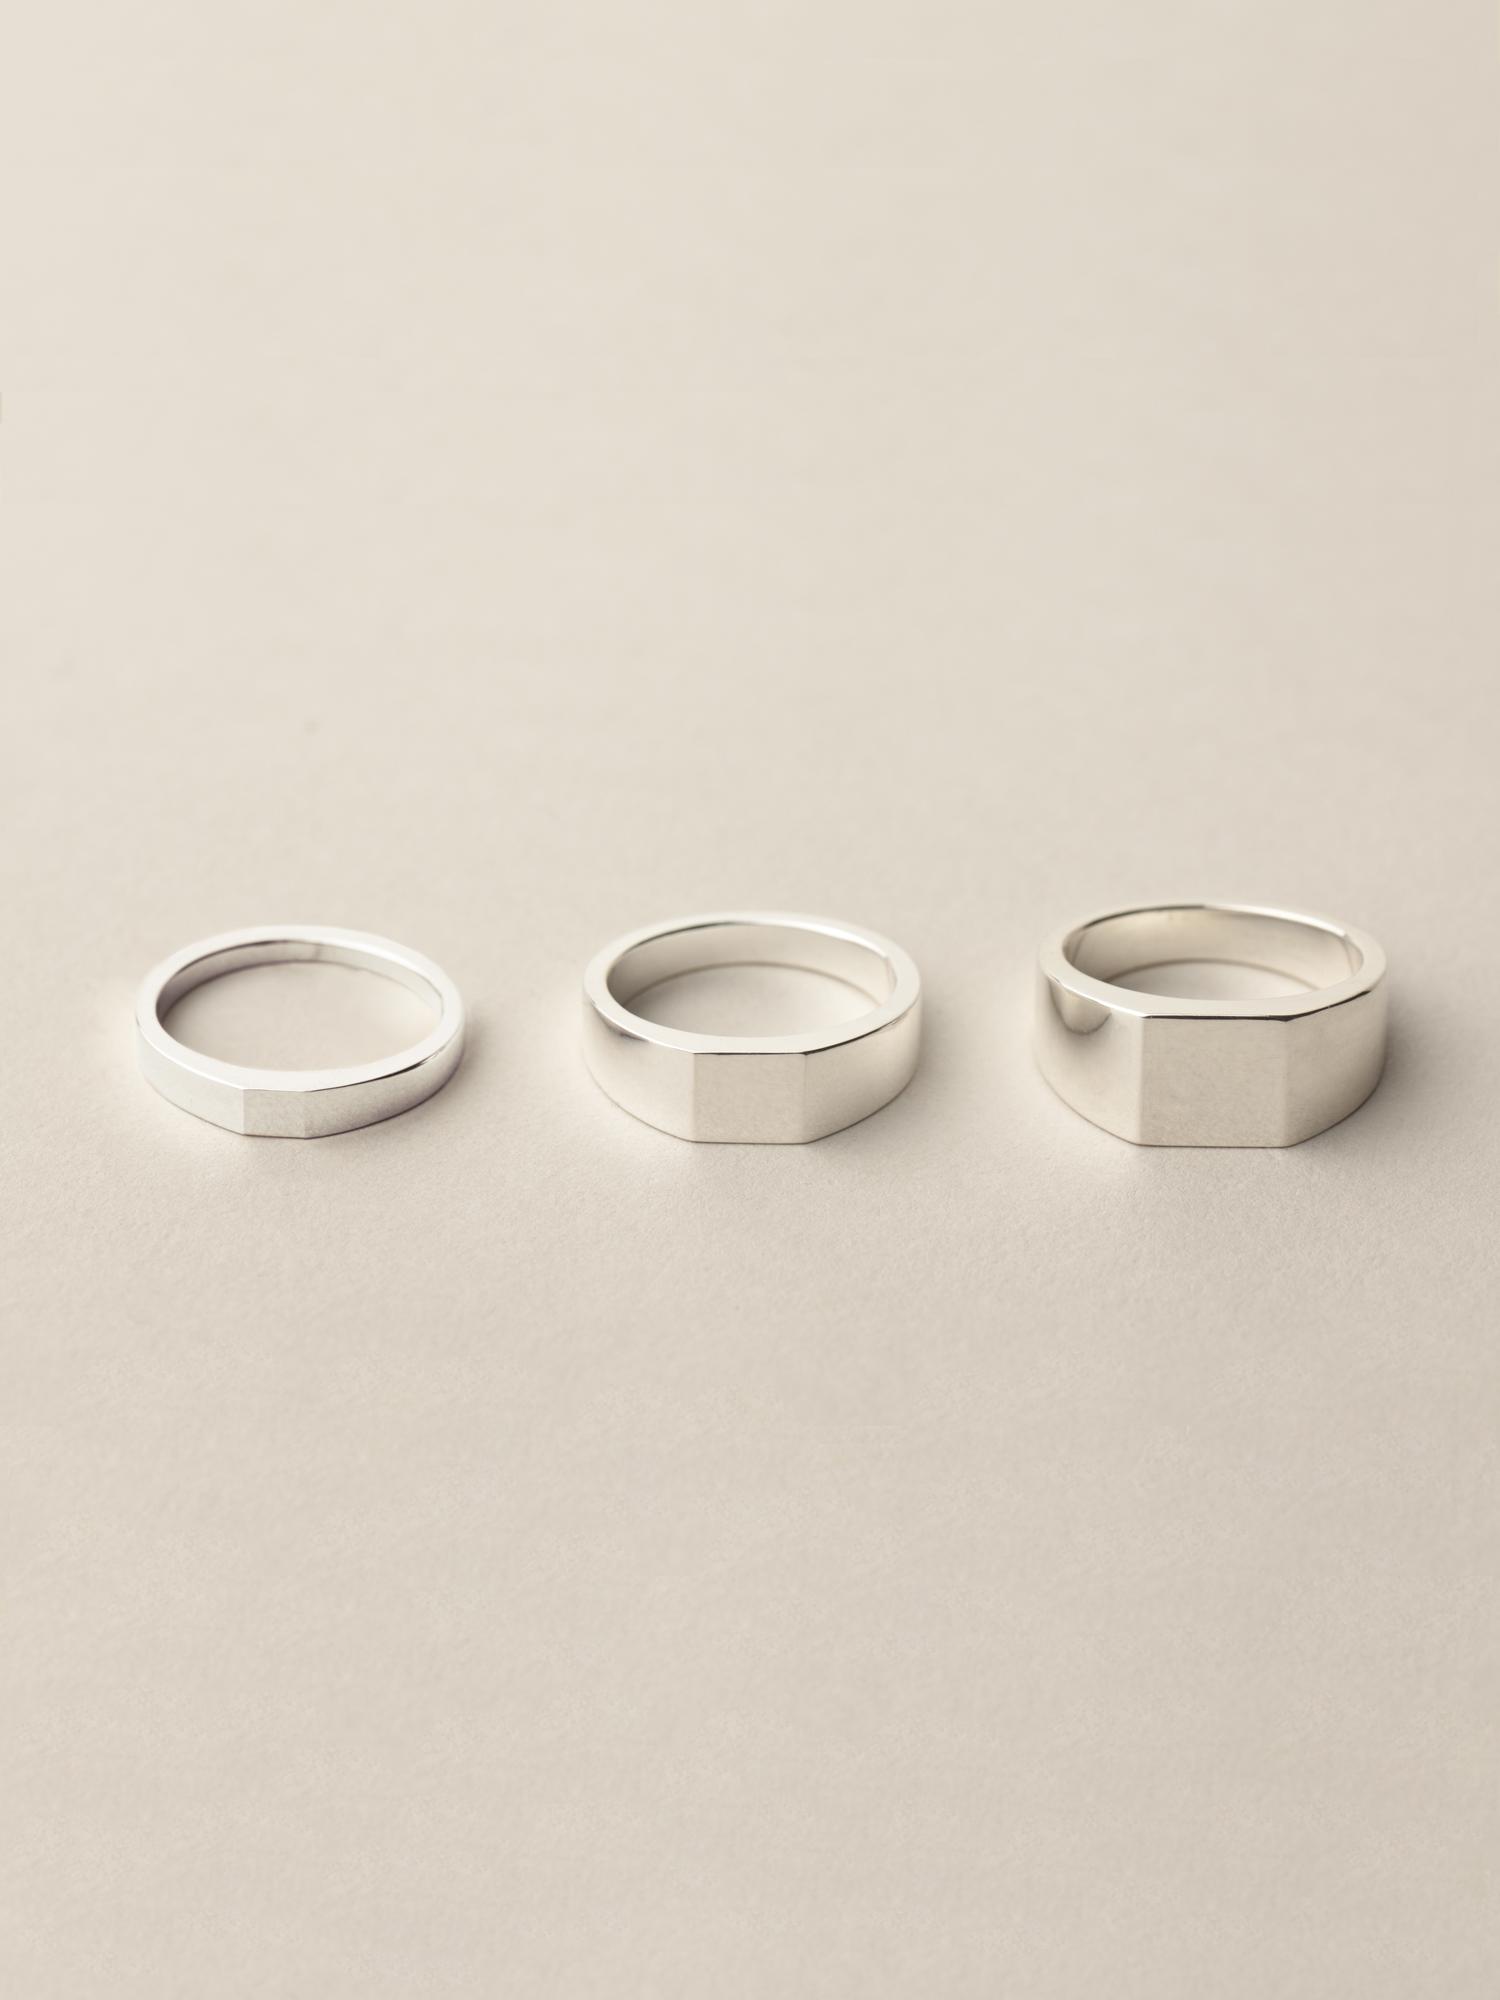 Übersicht Siegelringe Minima quadratisch in klein, mittel und groß in 925 Silber  Overview signet ring Minima square in small, medium and big in sterling silver